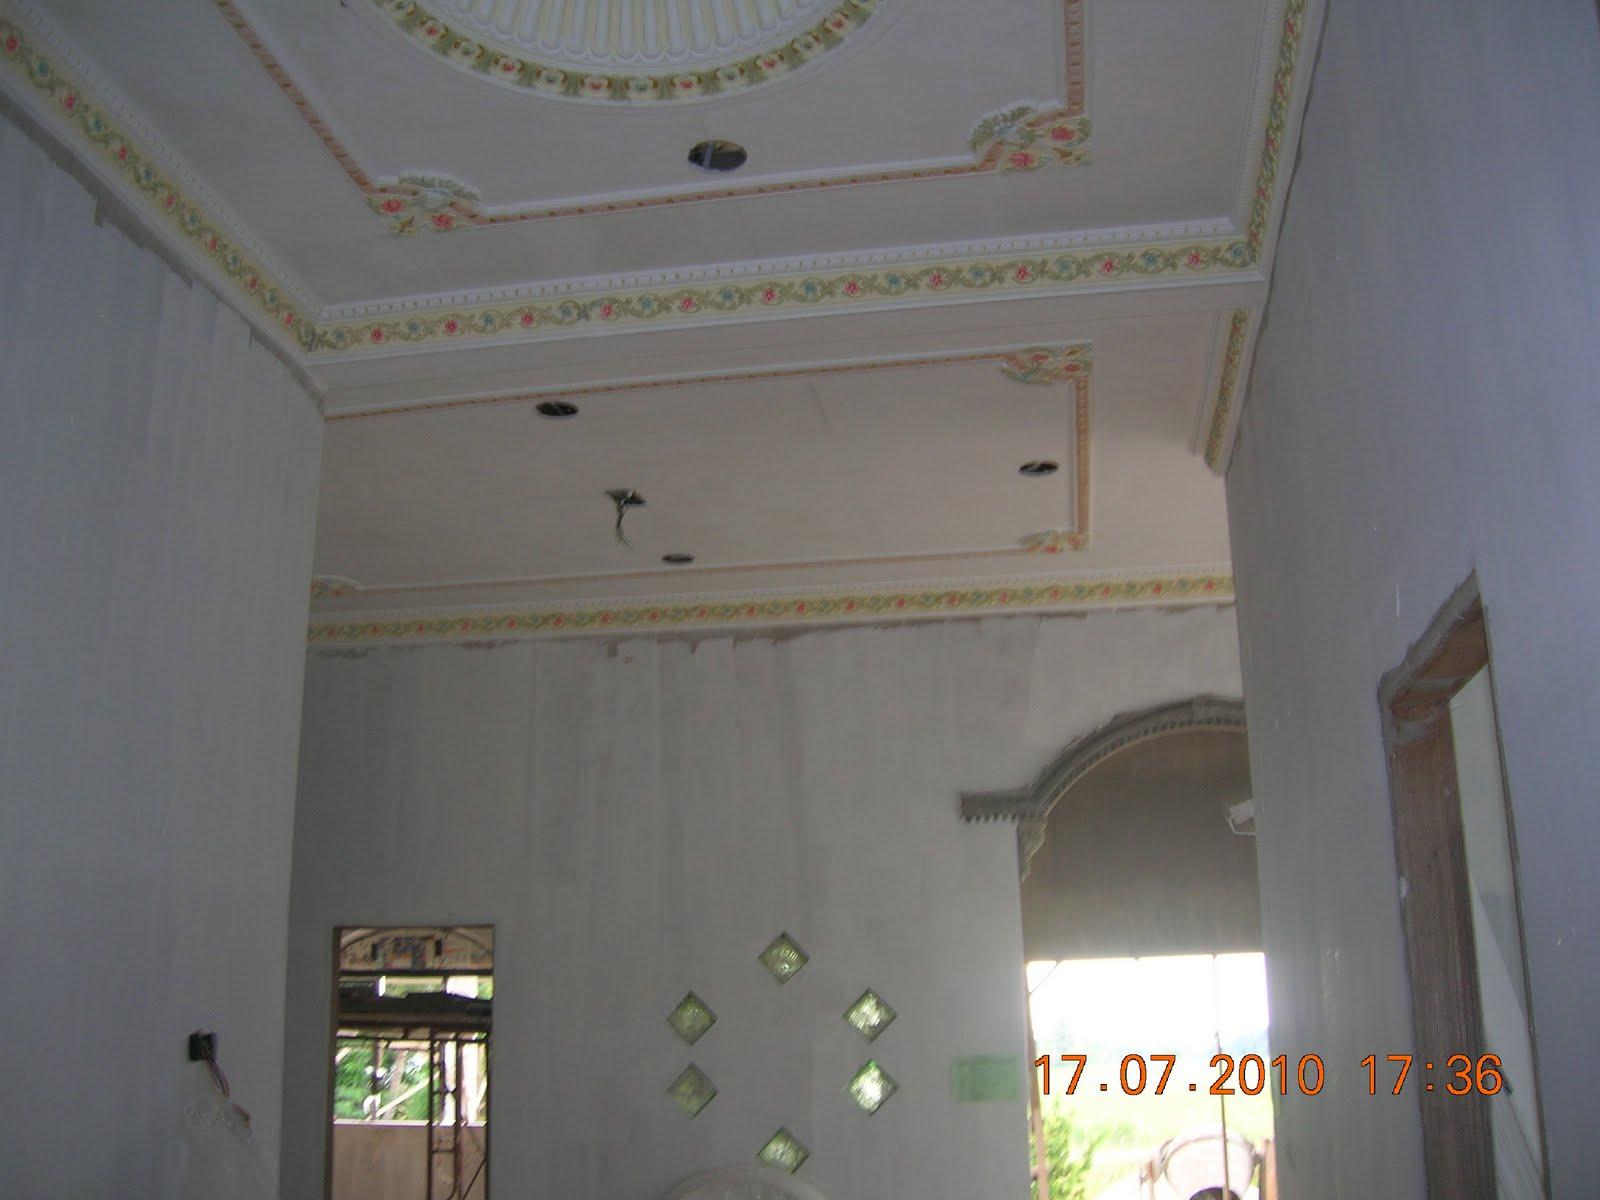 ... atas tapak sekarang tukang rumah dan tukang plaster siling kerja kerja